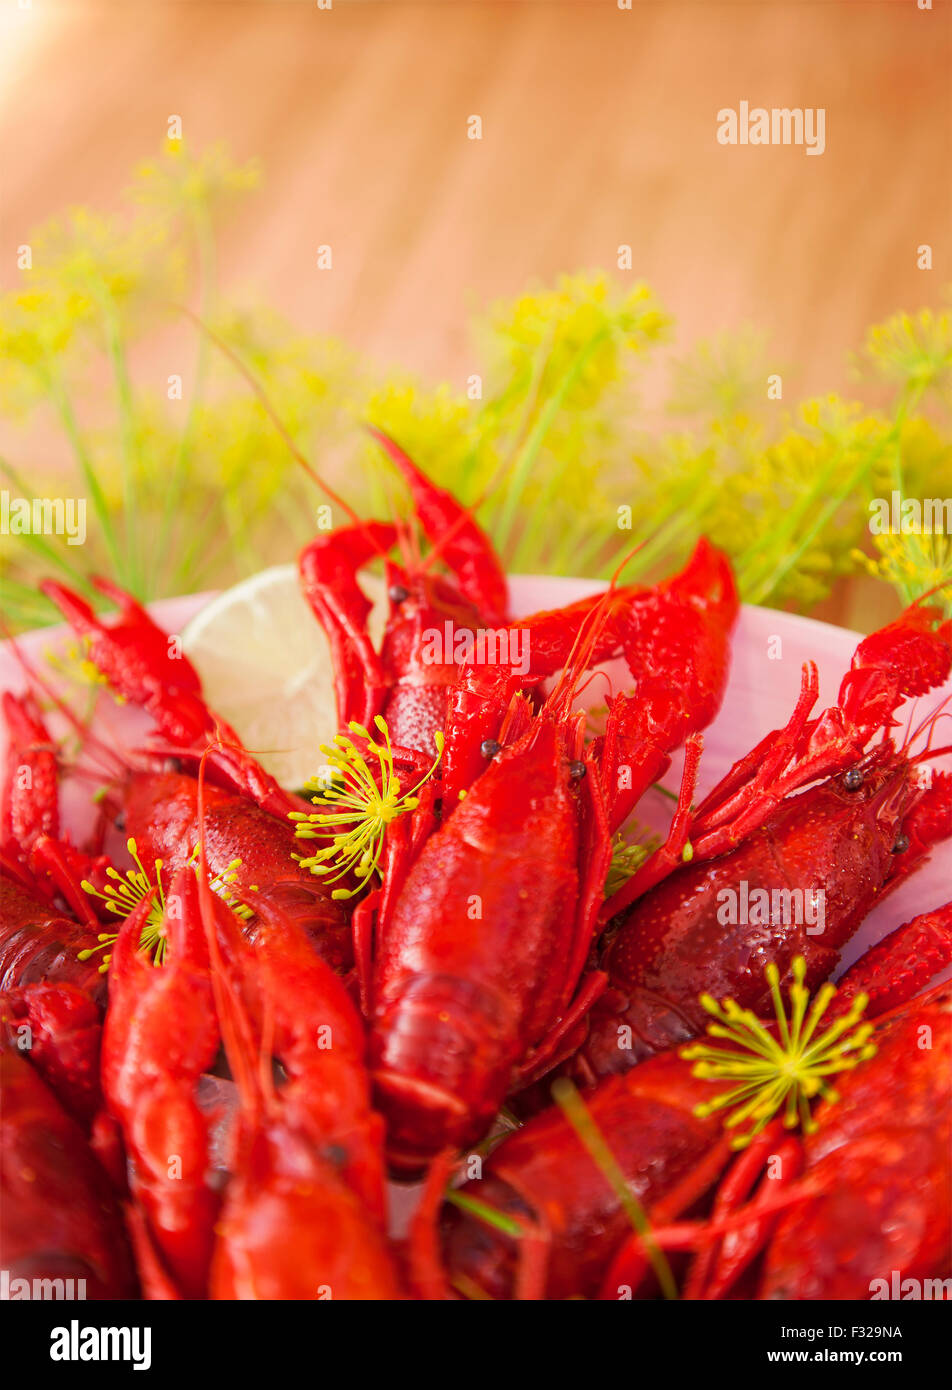 Image of freshly cooked crayfish. Stock Photo